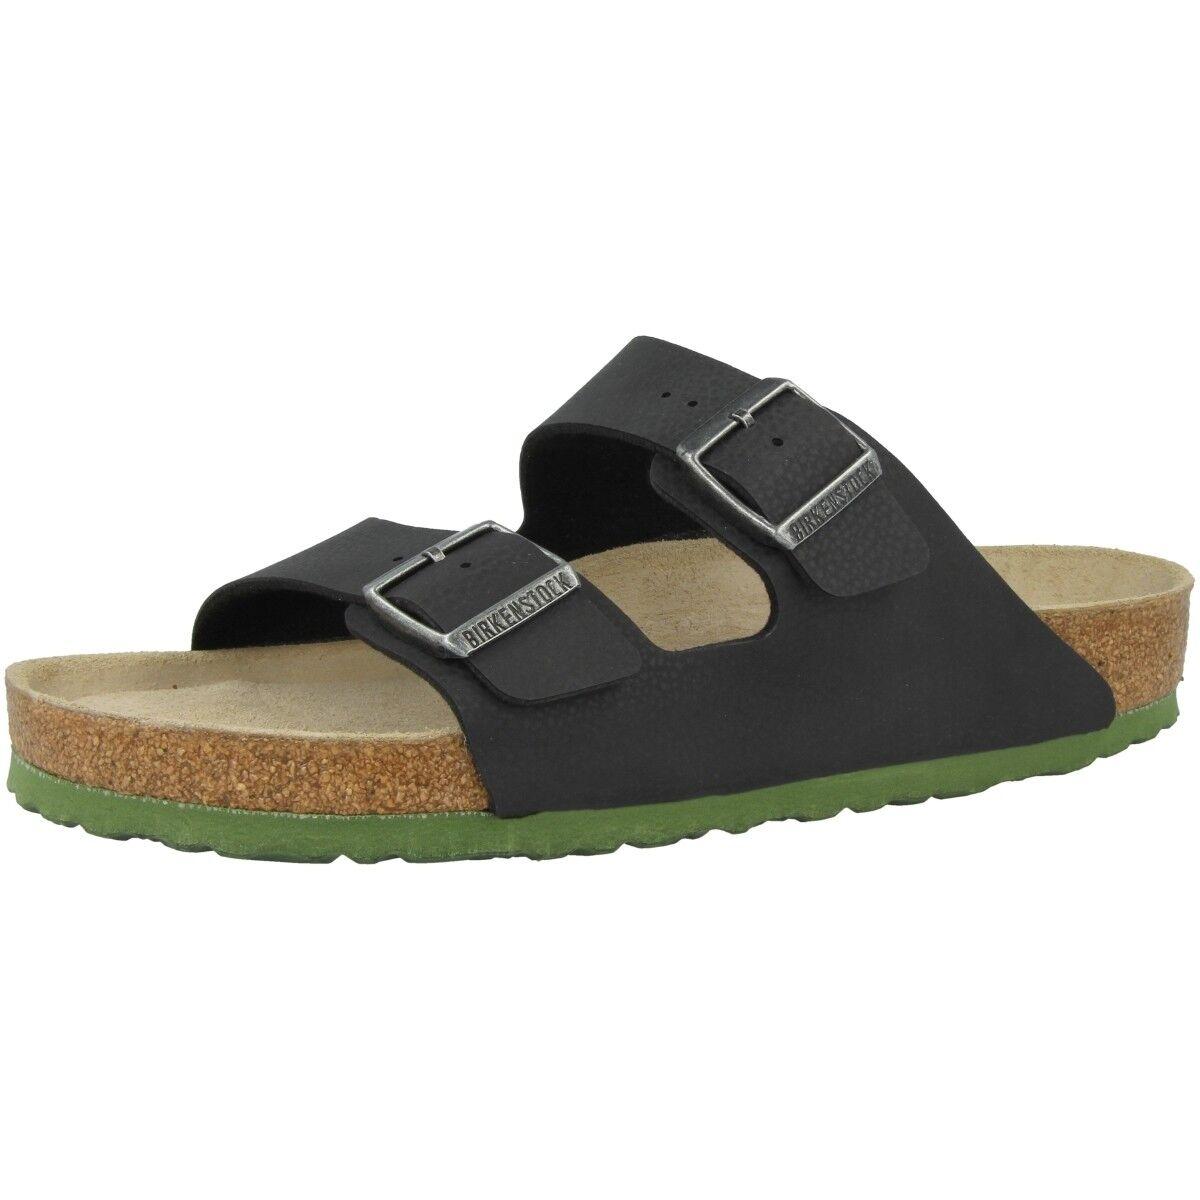 Birkenstock Arizona SFB Birko-Flor Weichbettung Schuhe Weite normal 1005714